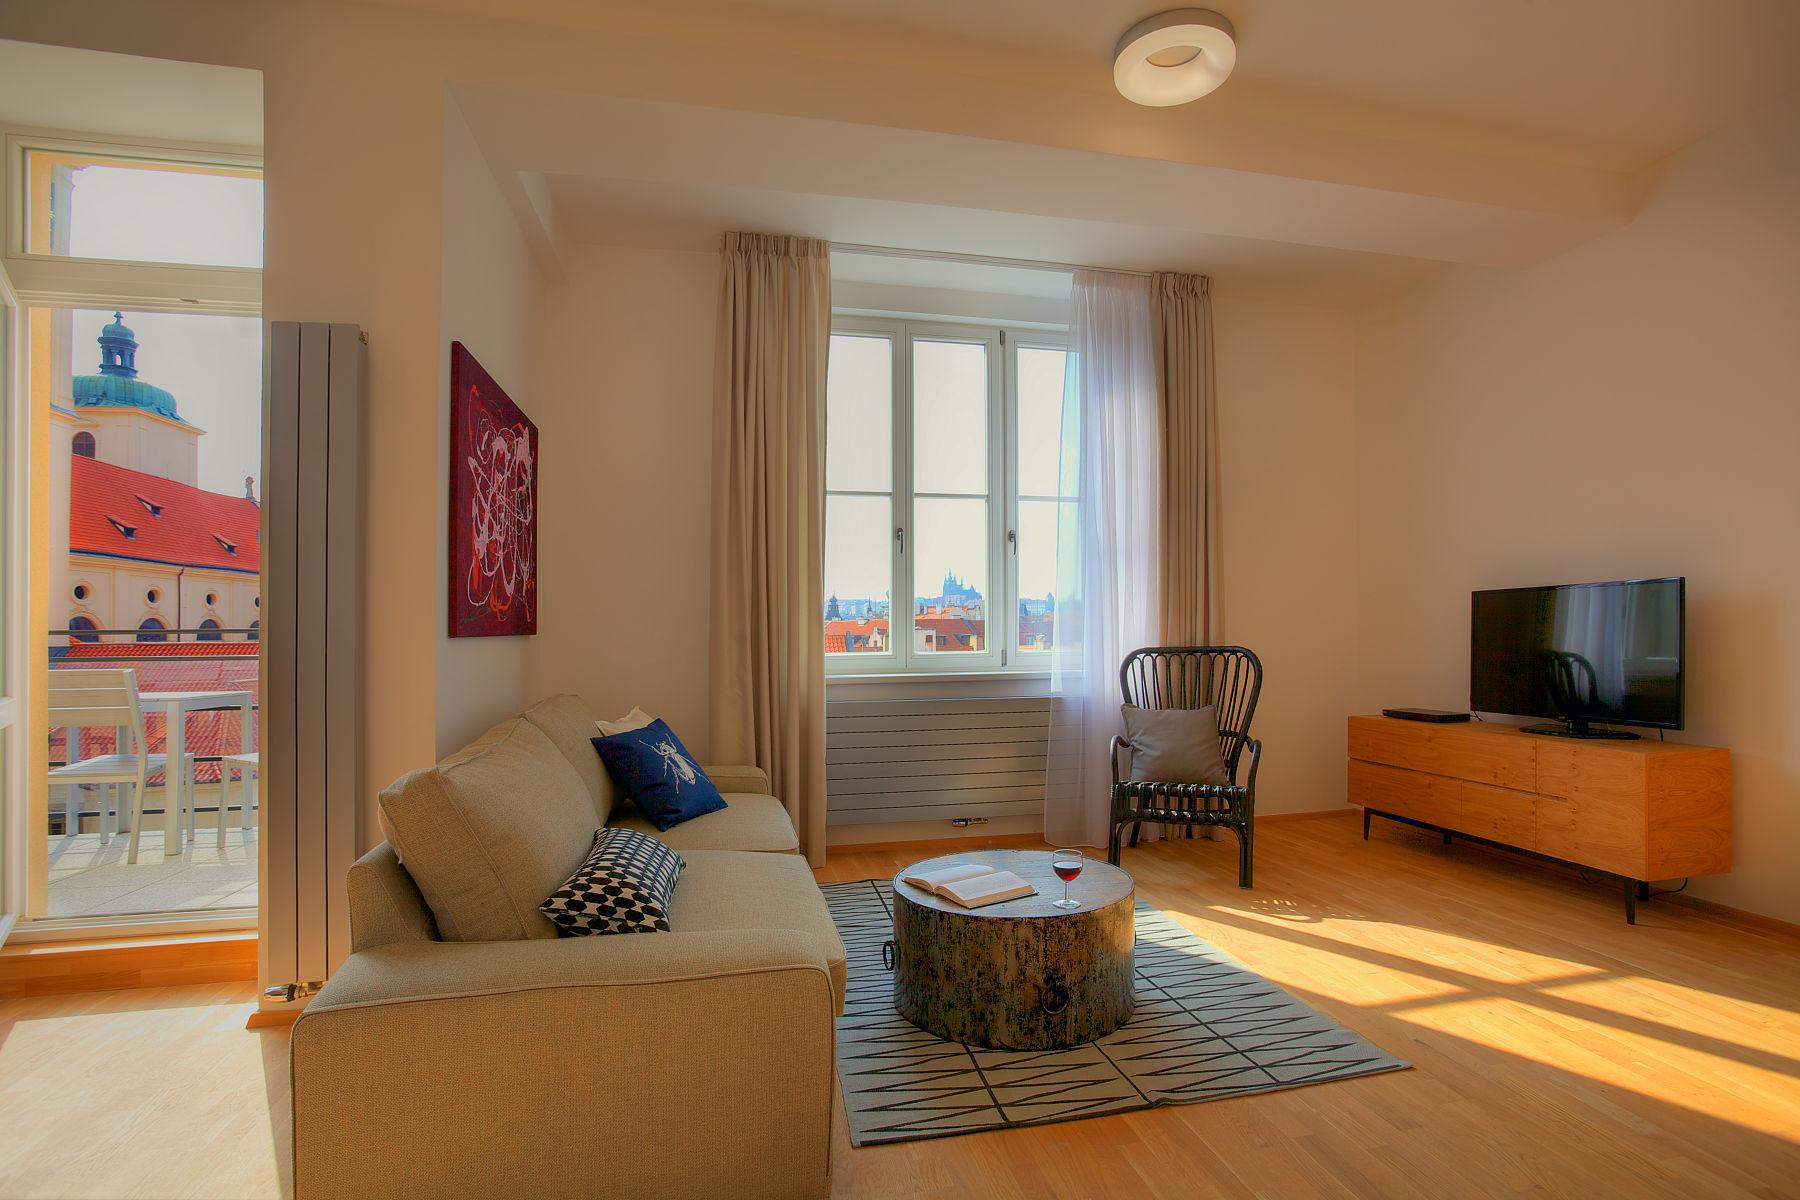 Спальня в однокомнатной квартире в лаконичном дизайне